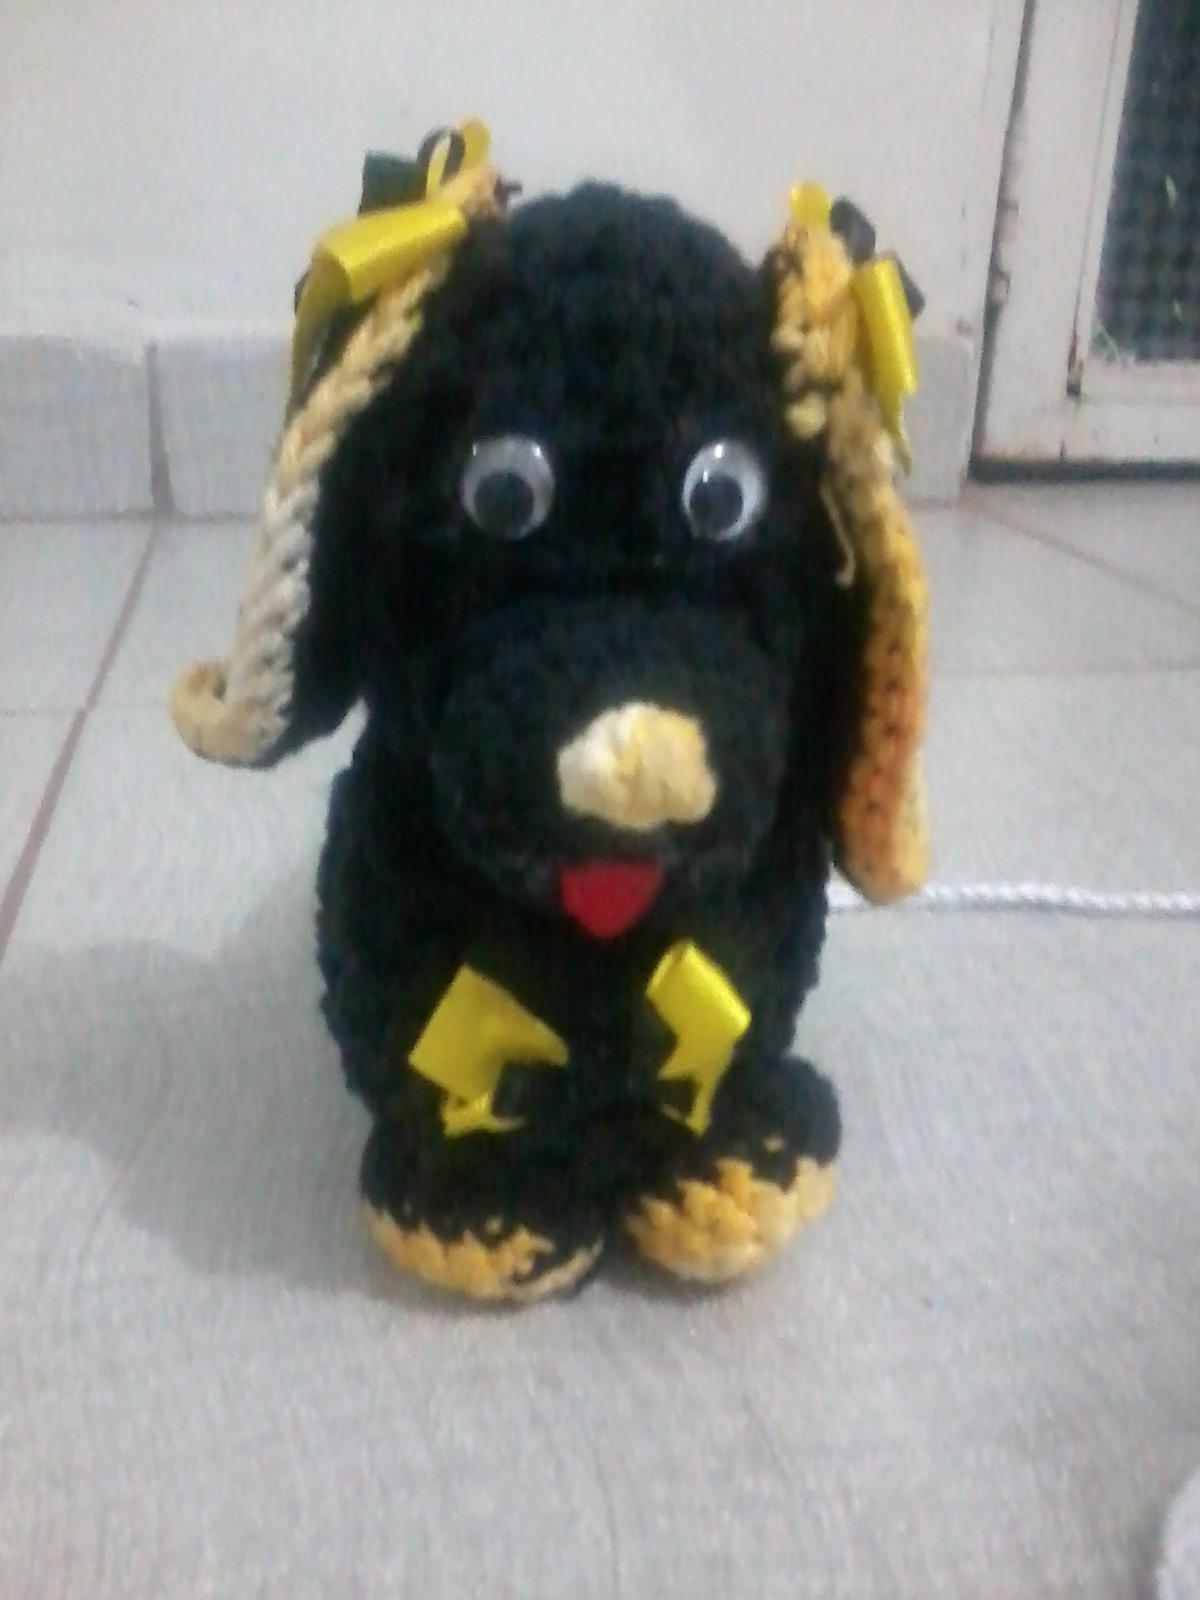 Tapetes de Croche da Mamae: Cachorro de Croche #997E32 1200 1600